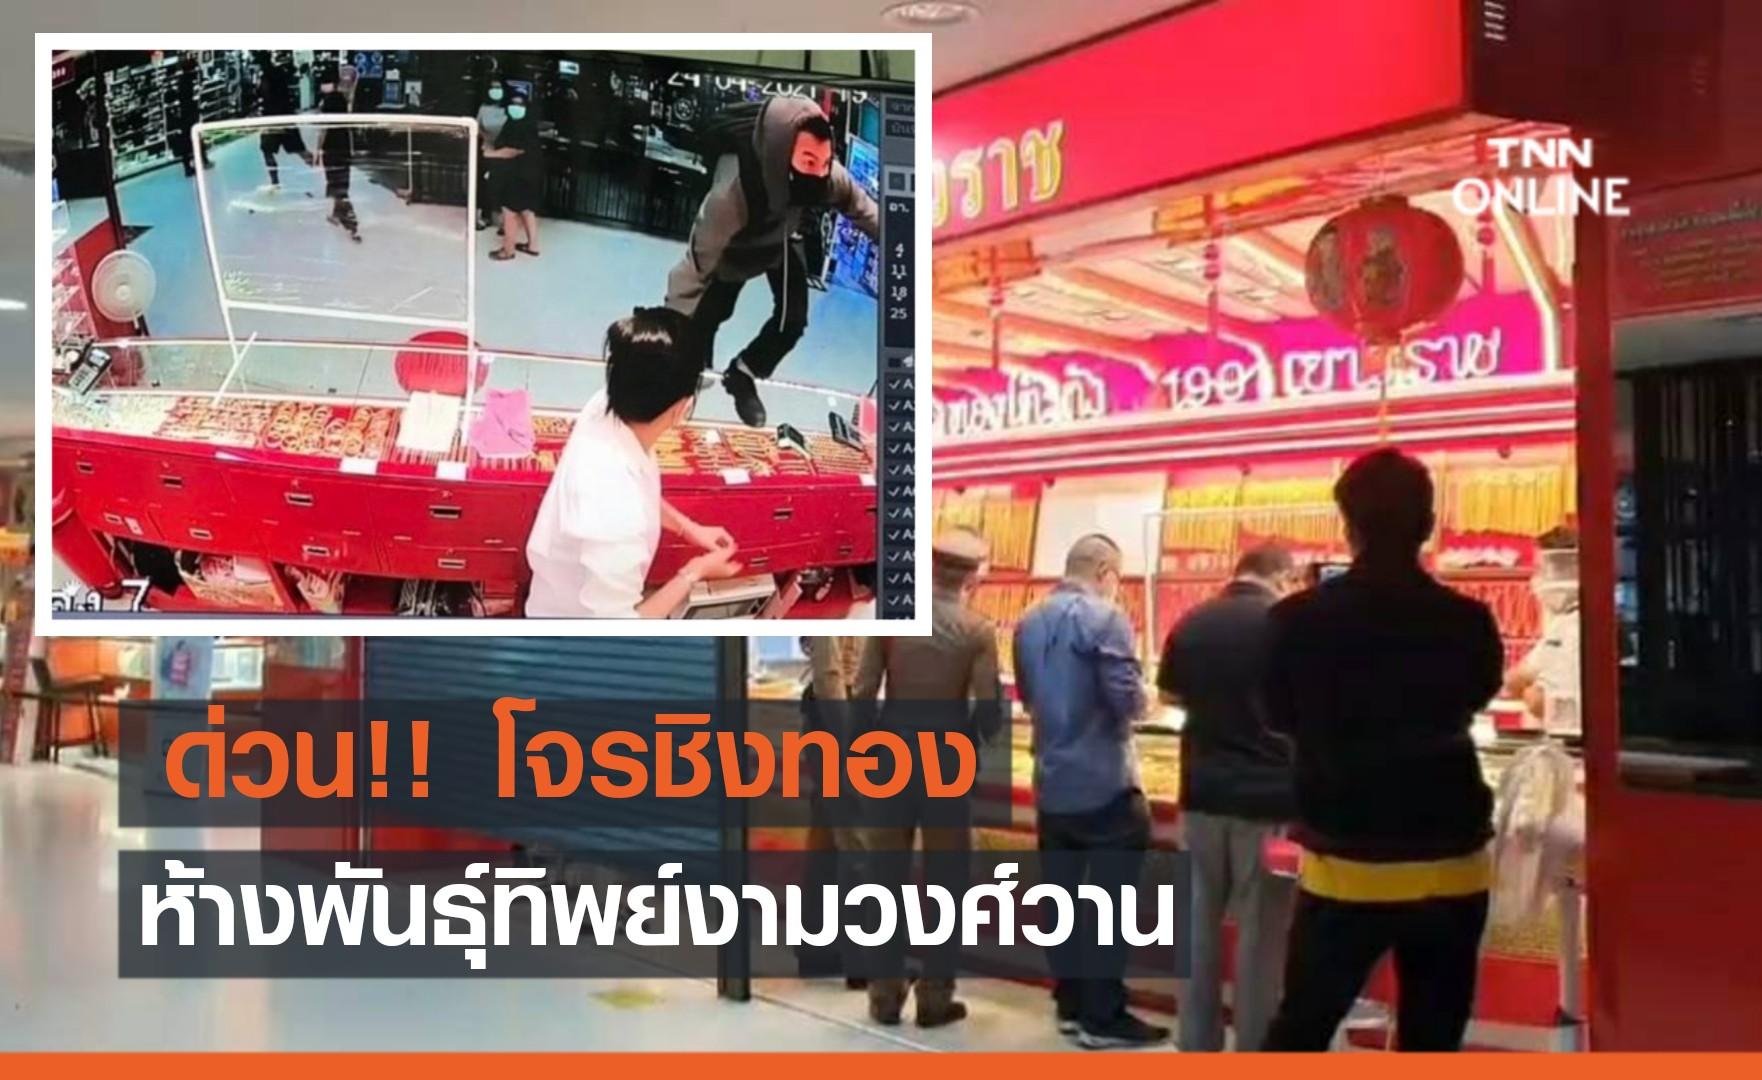 ด่วน! คนร้ายบุกเดี่ยวชิงทรัพย์ร้านทอง ในห้างดังย่านงามวงศ์วาน